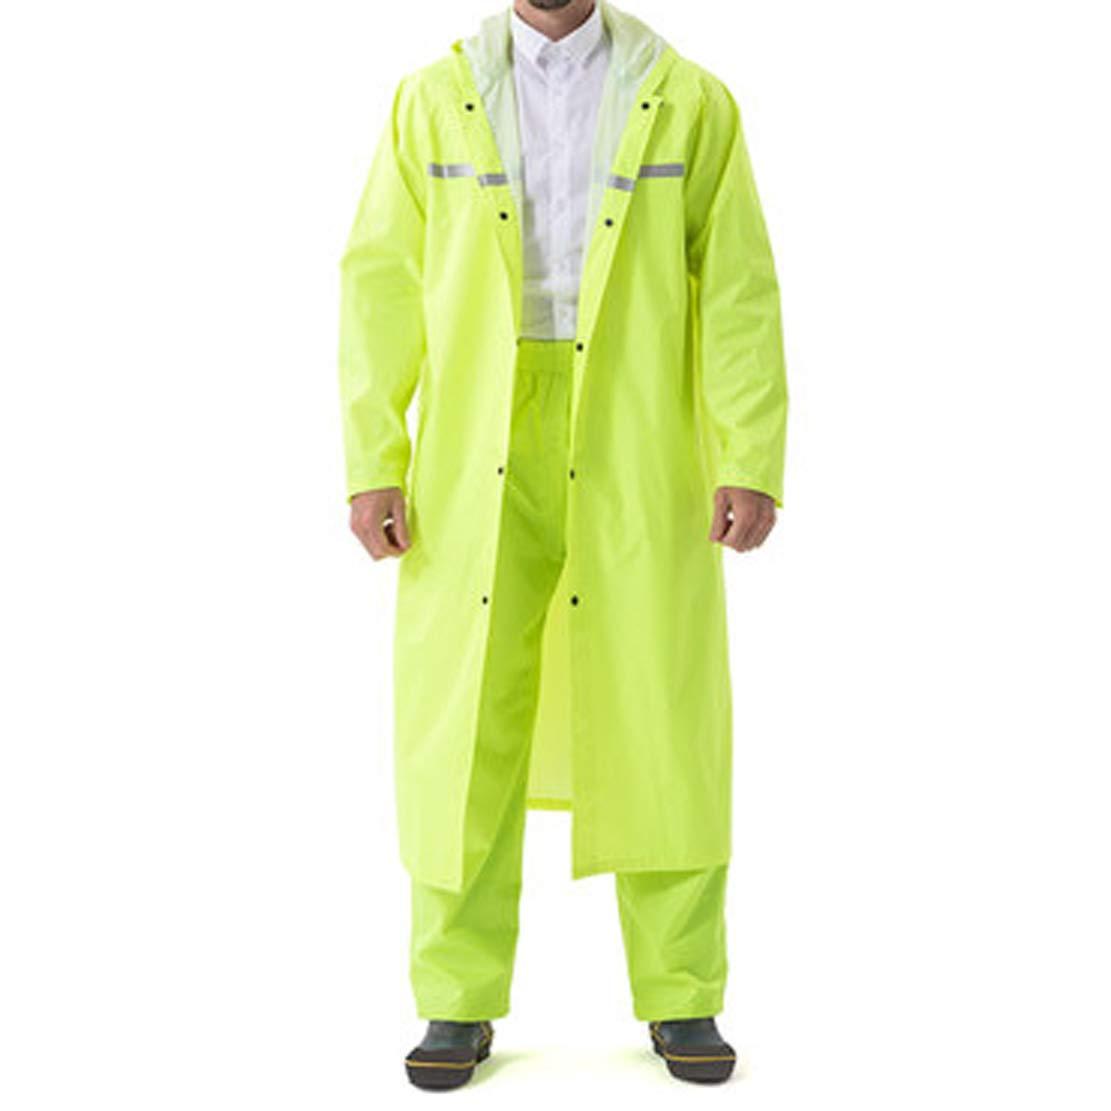 XXLlumière vert MZMM Imperméable Adulte Rainstorm épaissir Siamois Poncho extérieur Long extérieur Costume Plein Corps Hommes Mode Femmes Mode